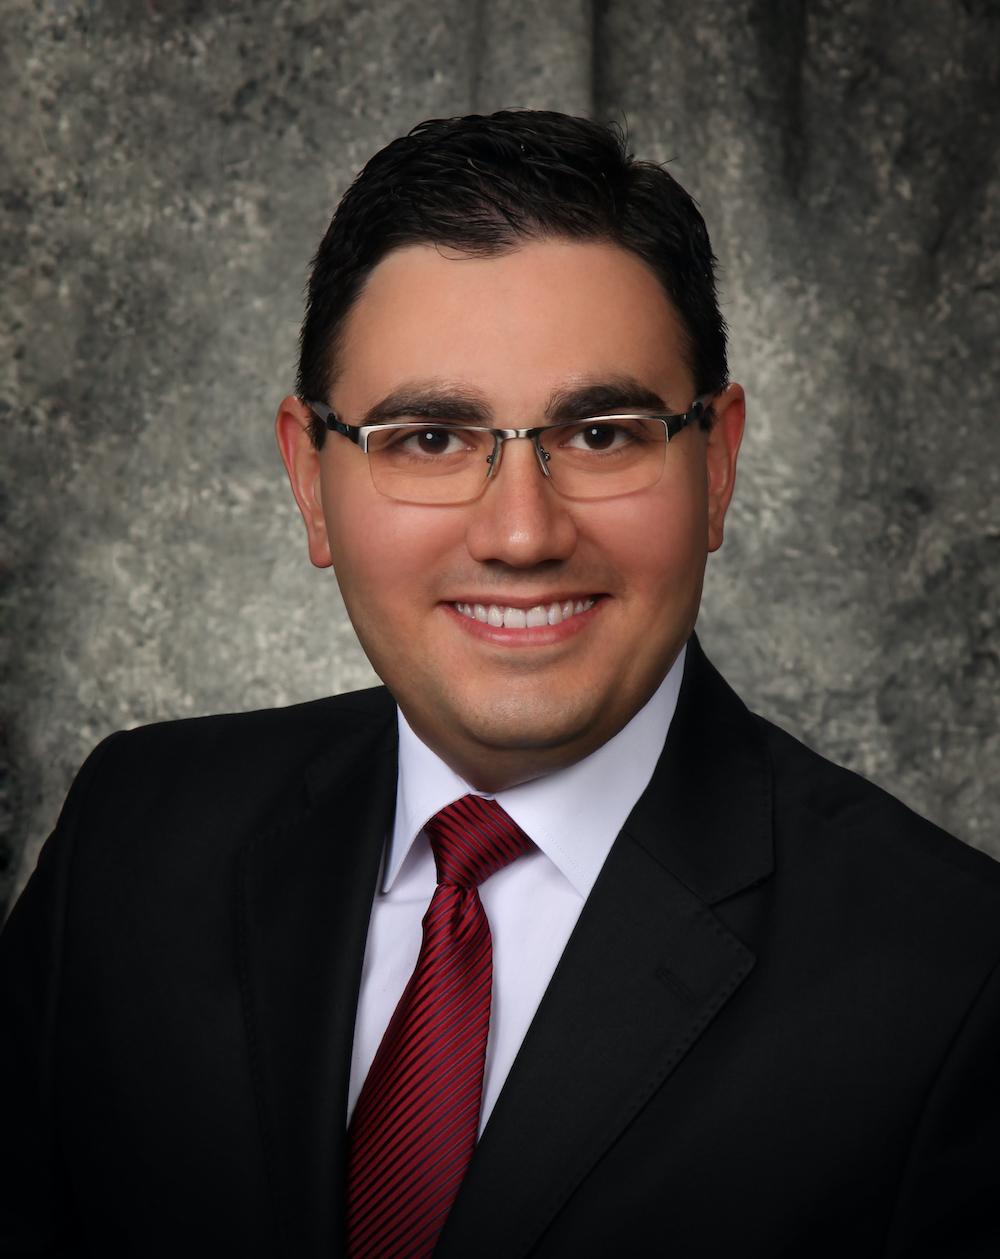 Araz Melkonian, MD